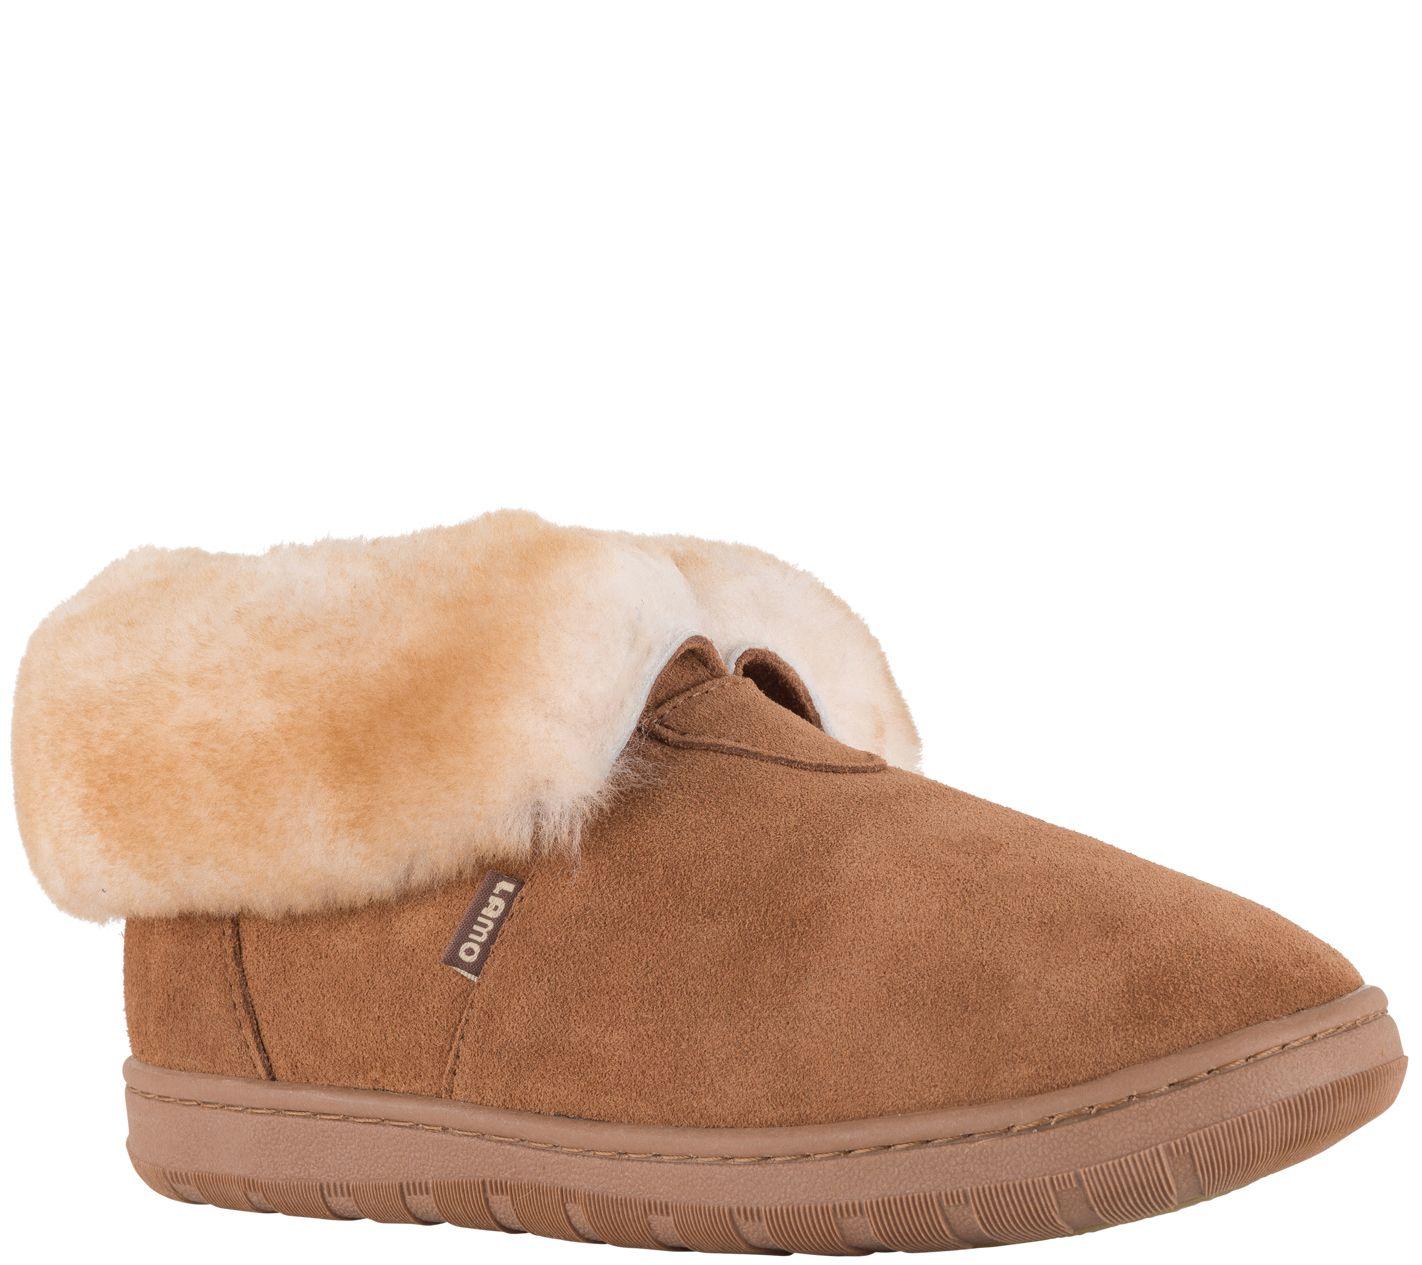 1a396d32ccf540 Lamo Men s Bootie Slippers — QVC.com